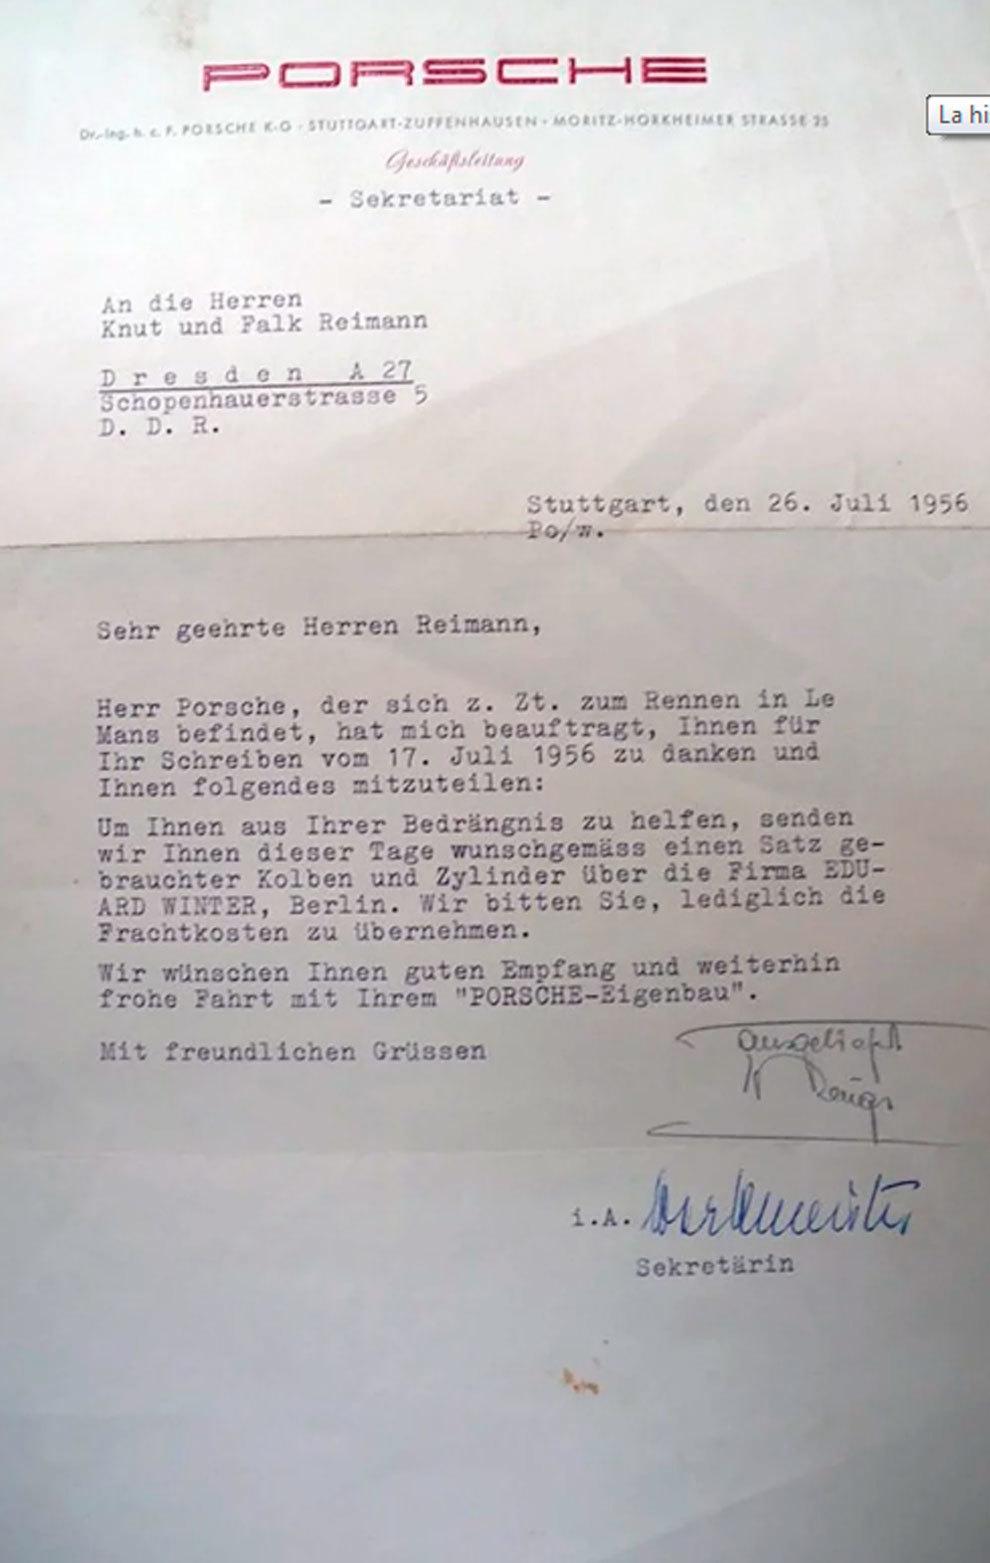 La carta que recibieron los hermanos Reimann les prometía piezas para el motor de su coche.